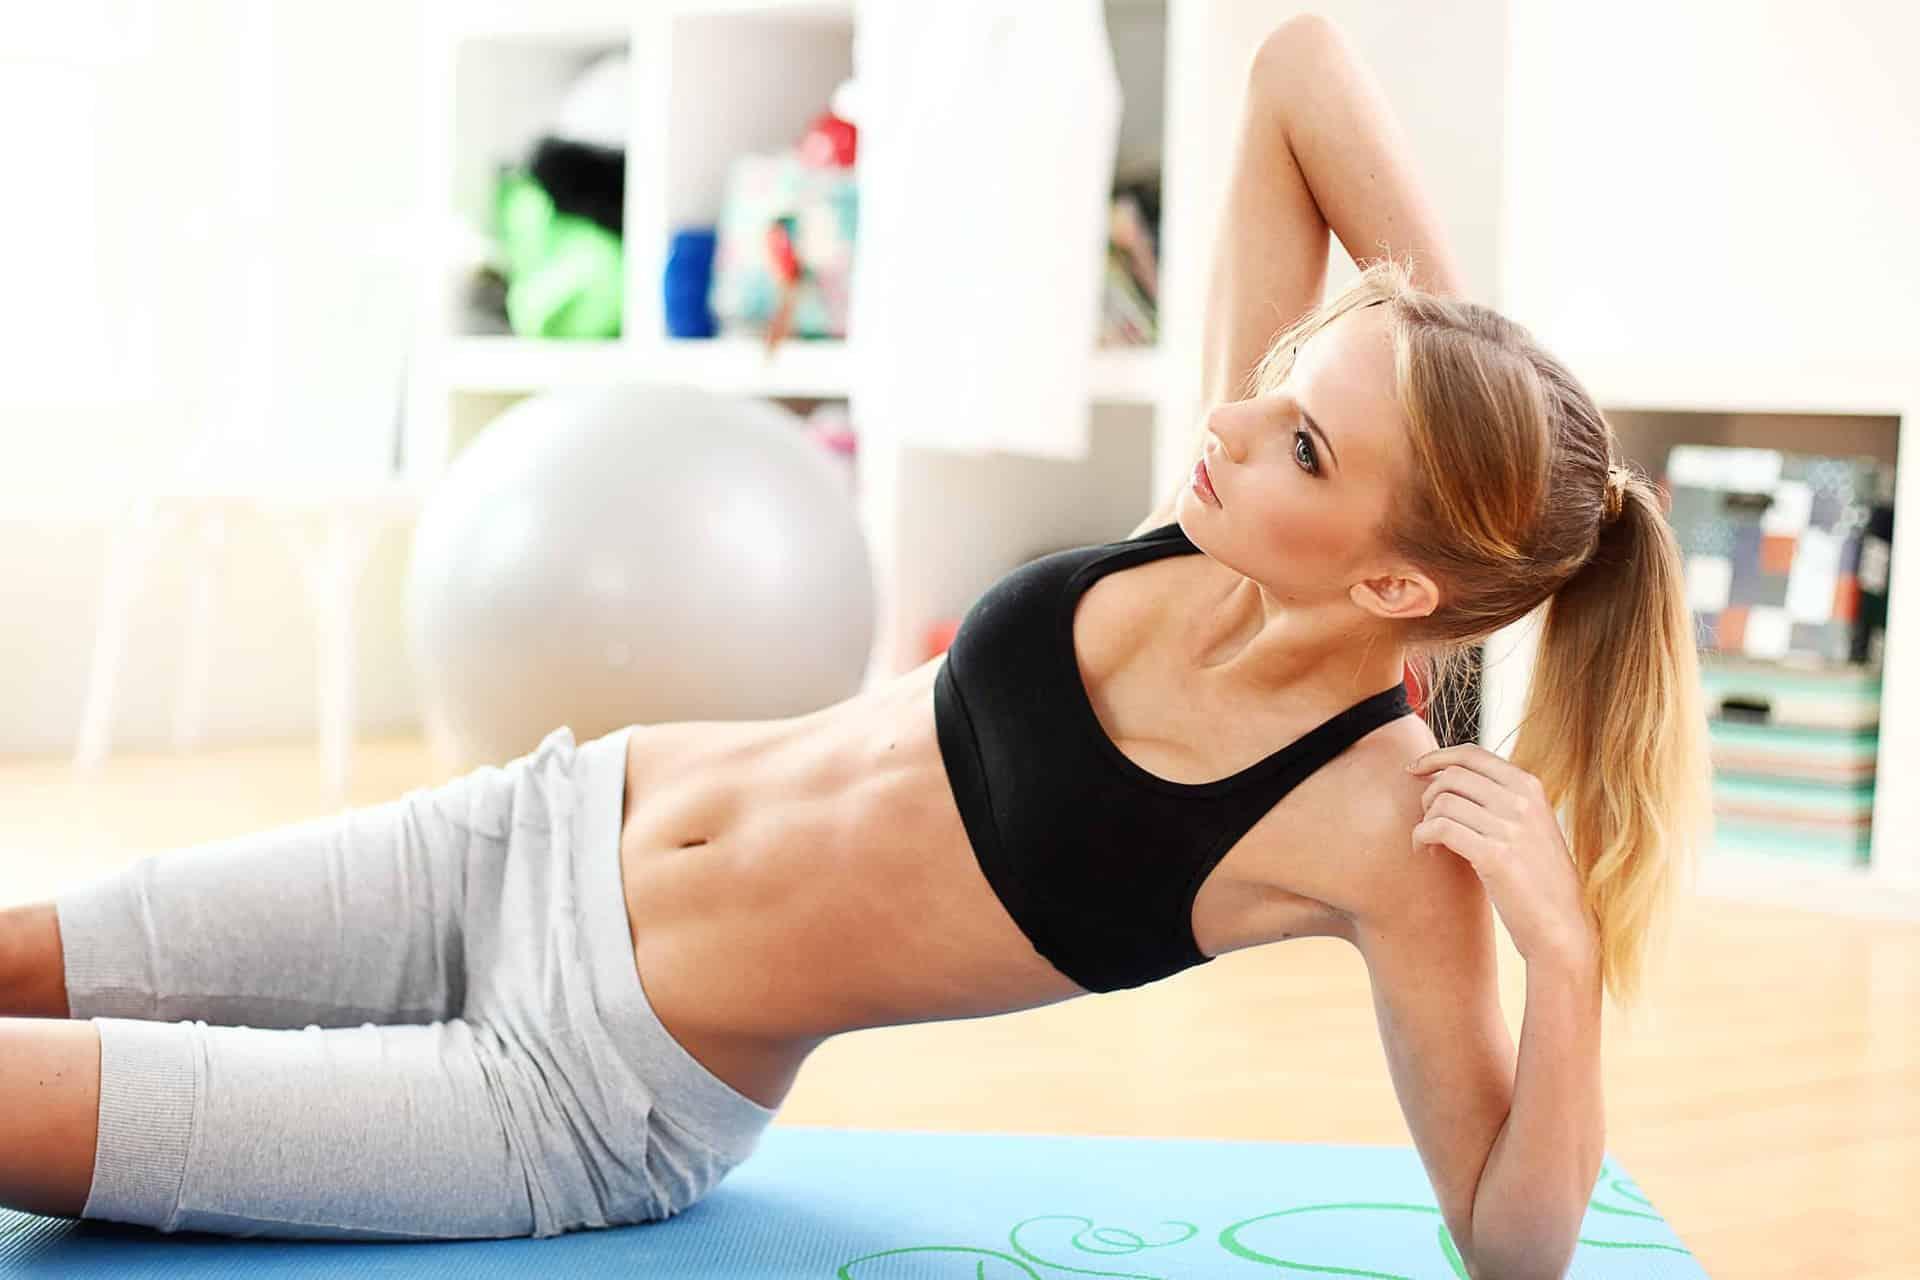 Jak szybko schudnąć z brzucha? Przeczytaj ten artykuł!